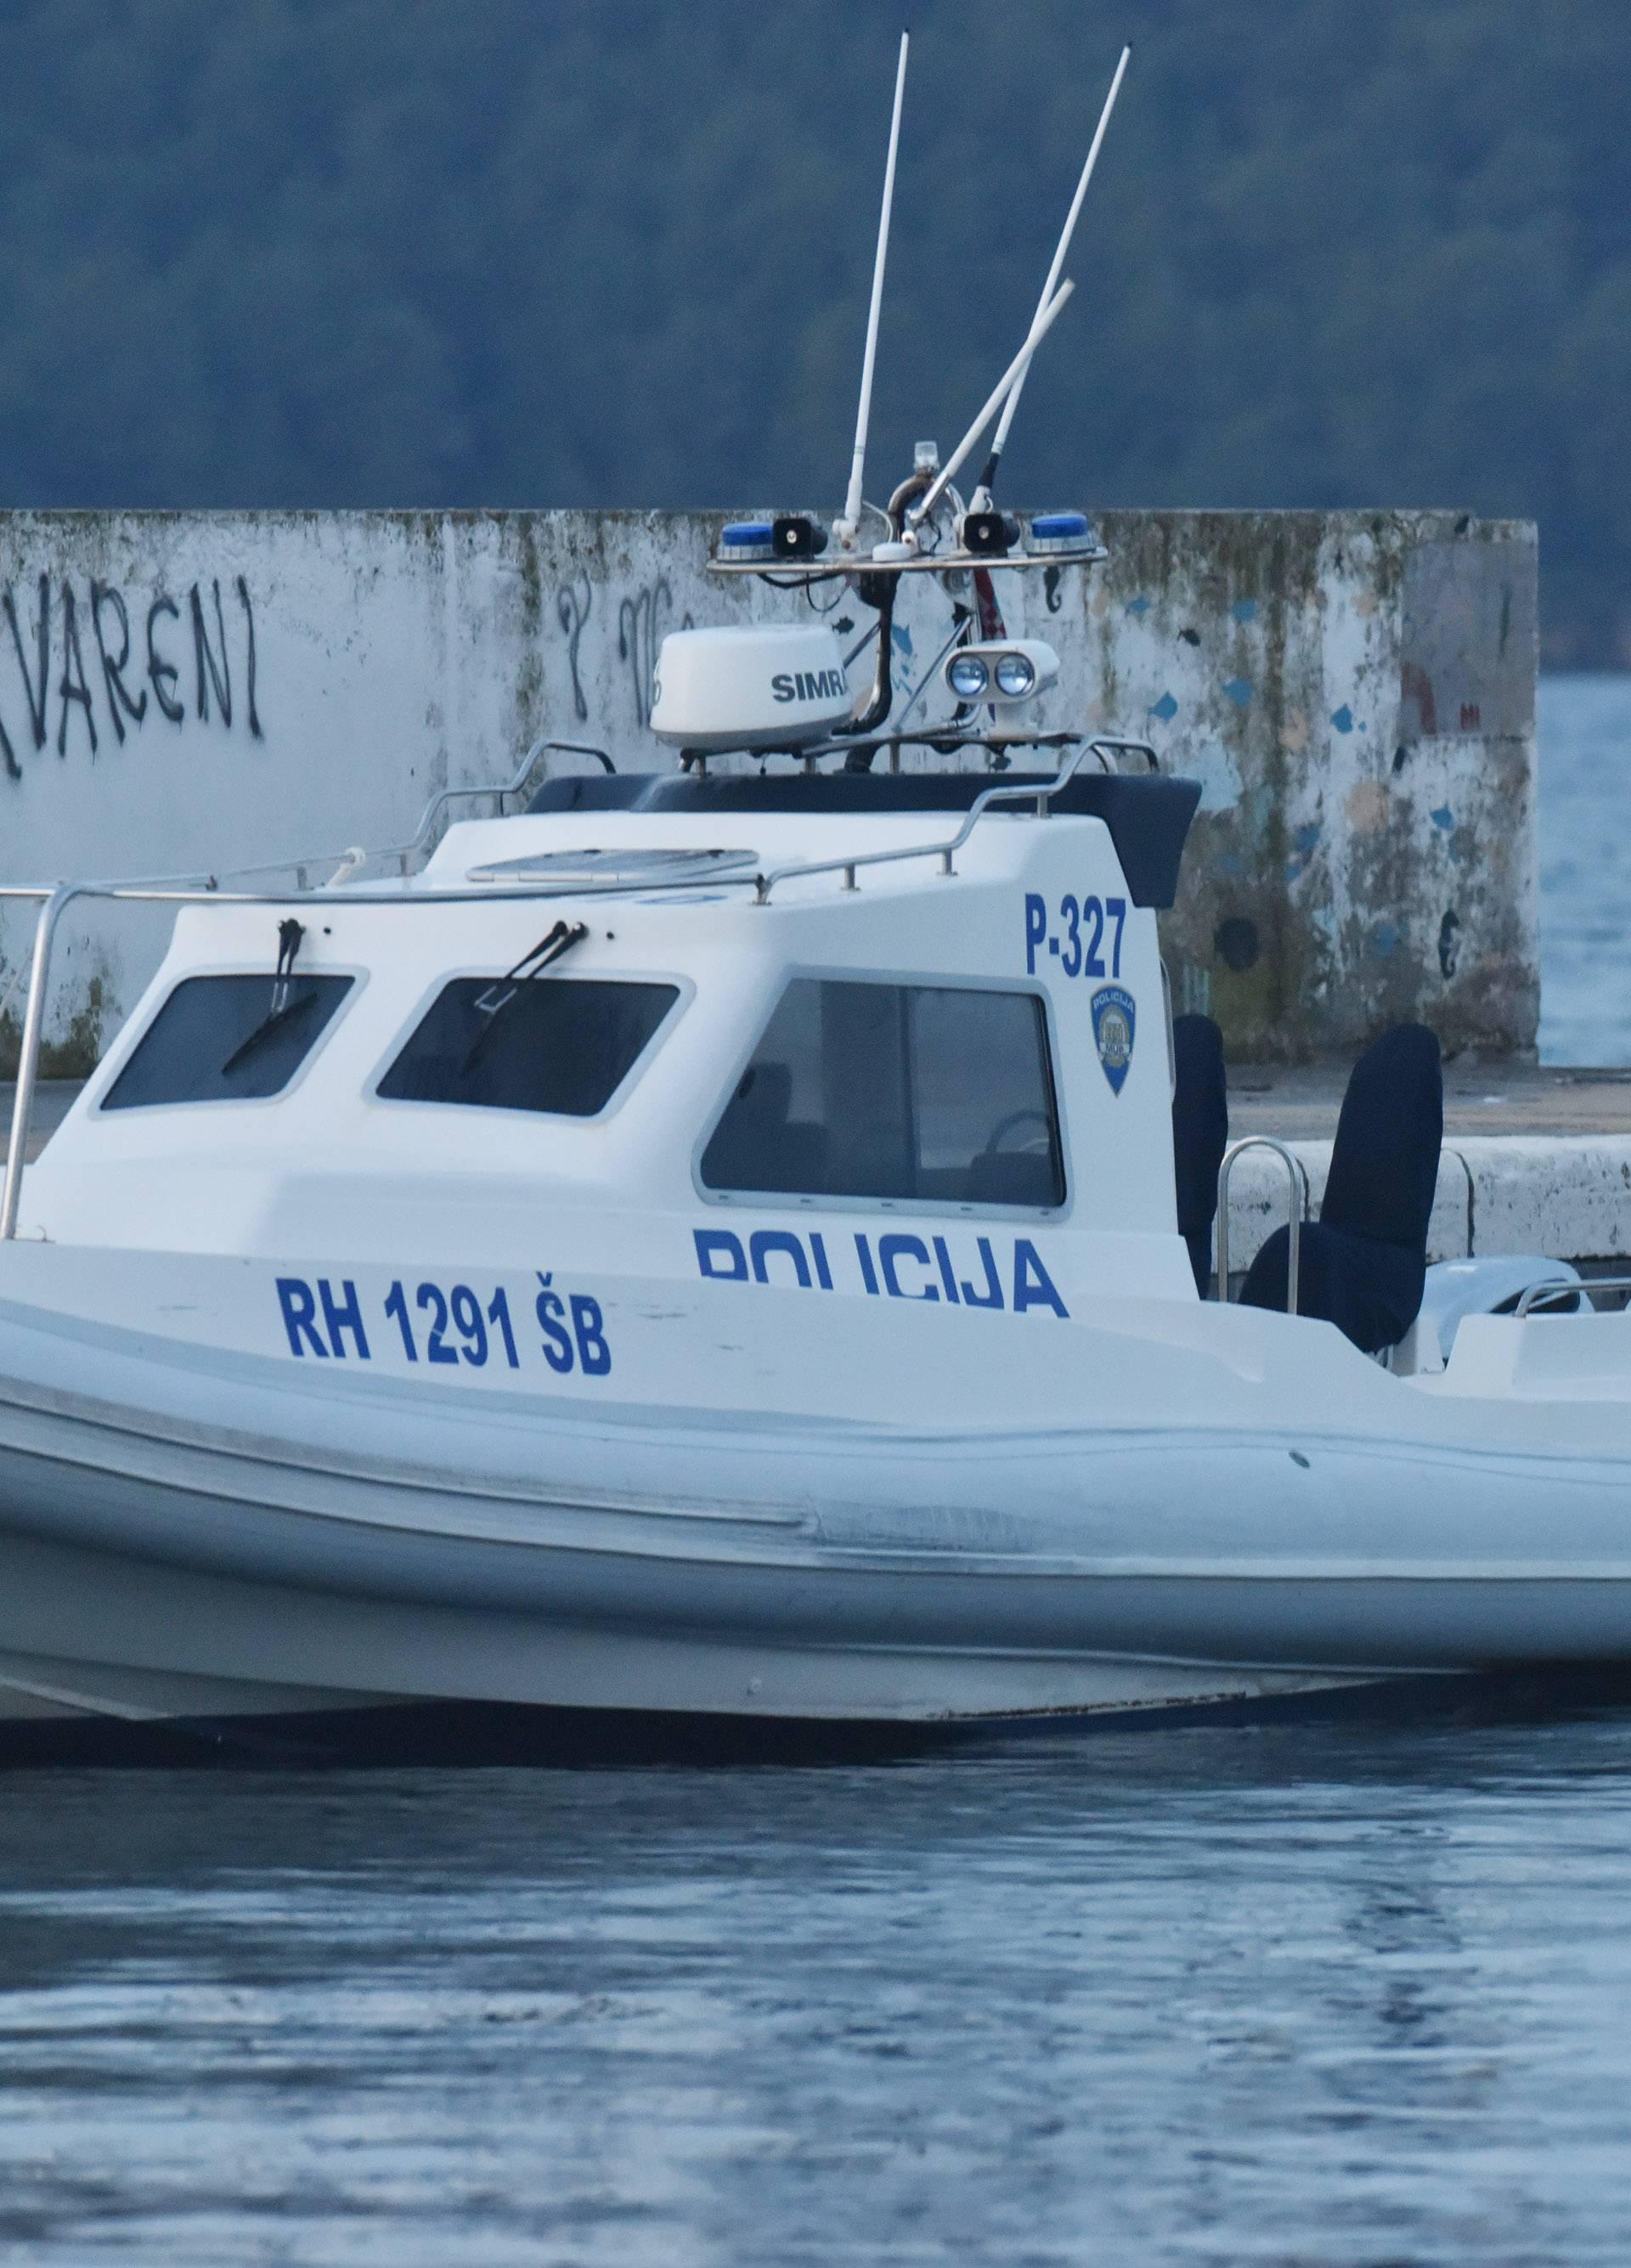 Izvukli sve dijelove helikoptera iz mora: 'Obavit ćemo očevid'